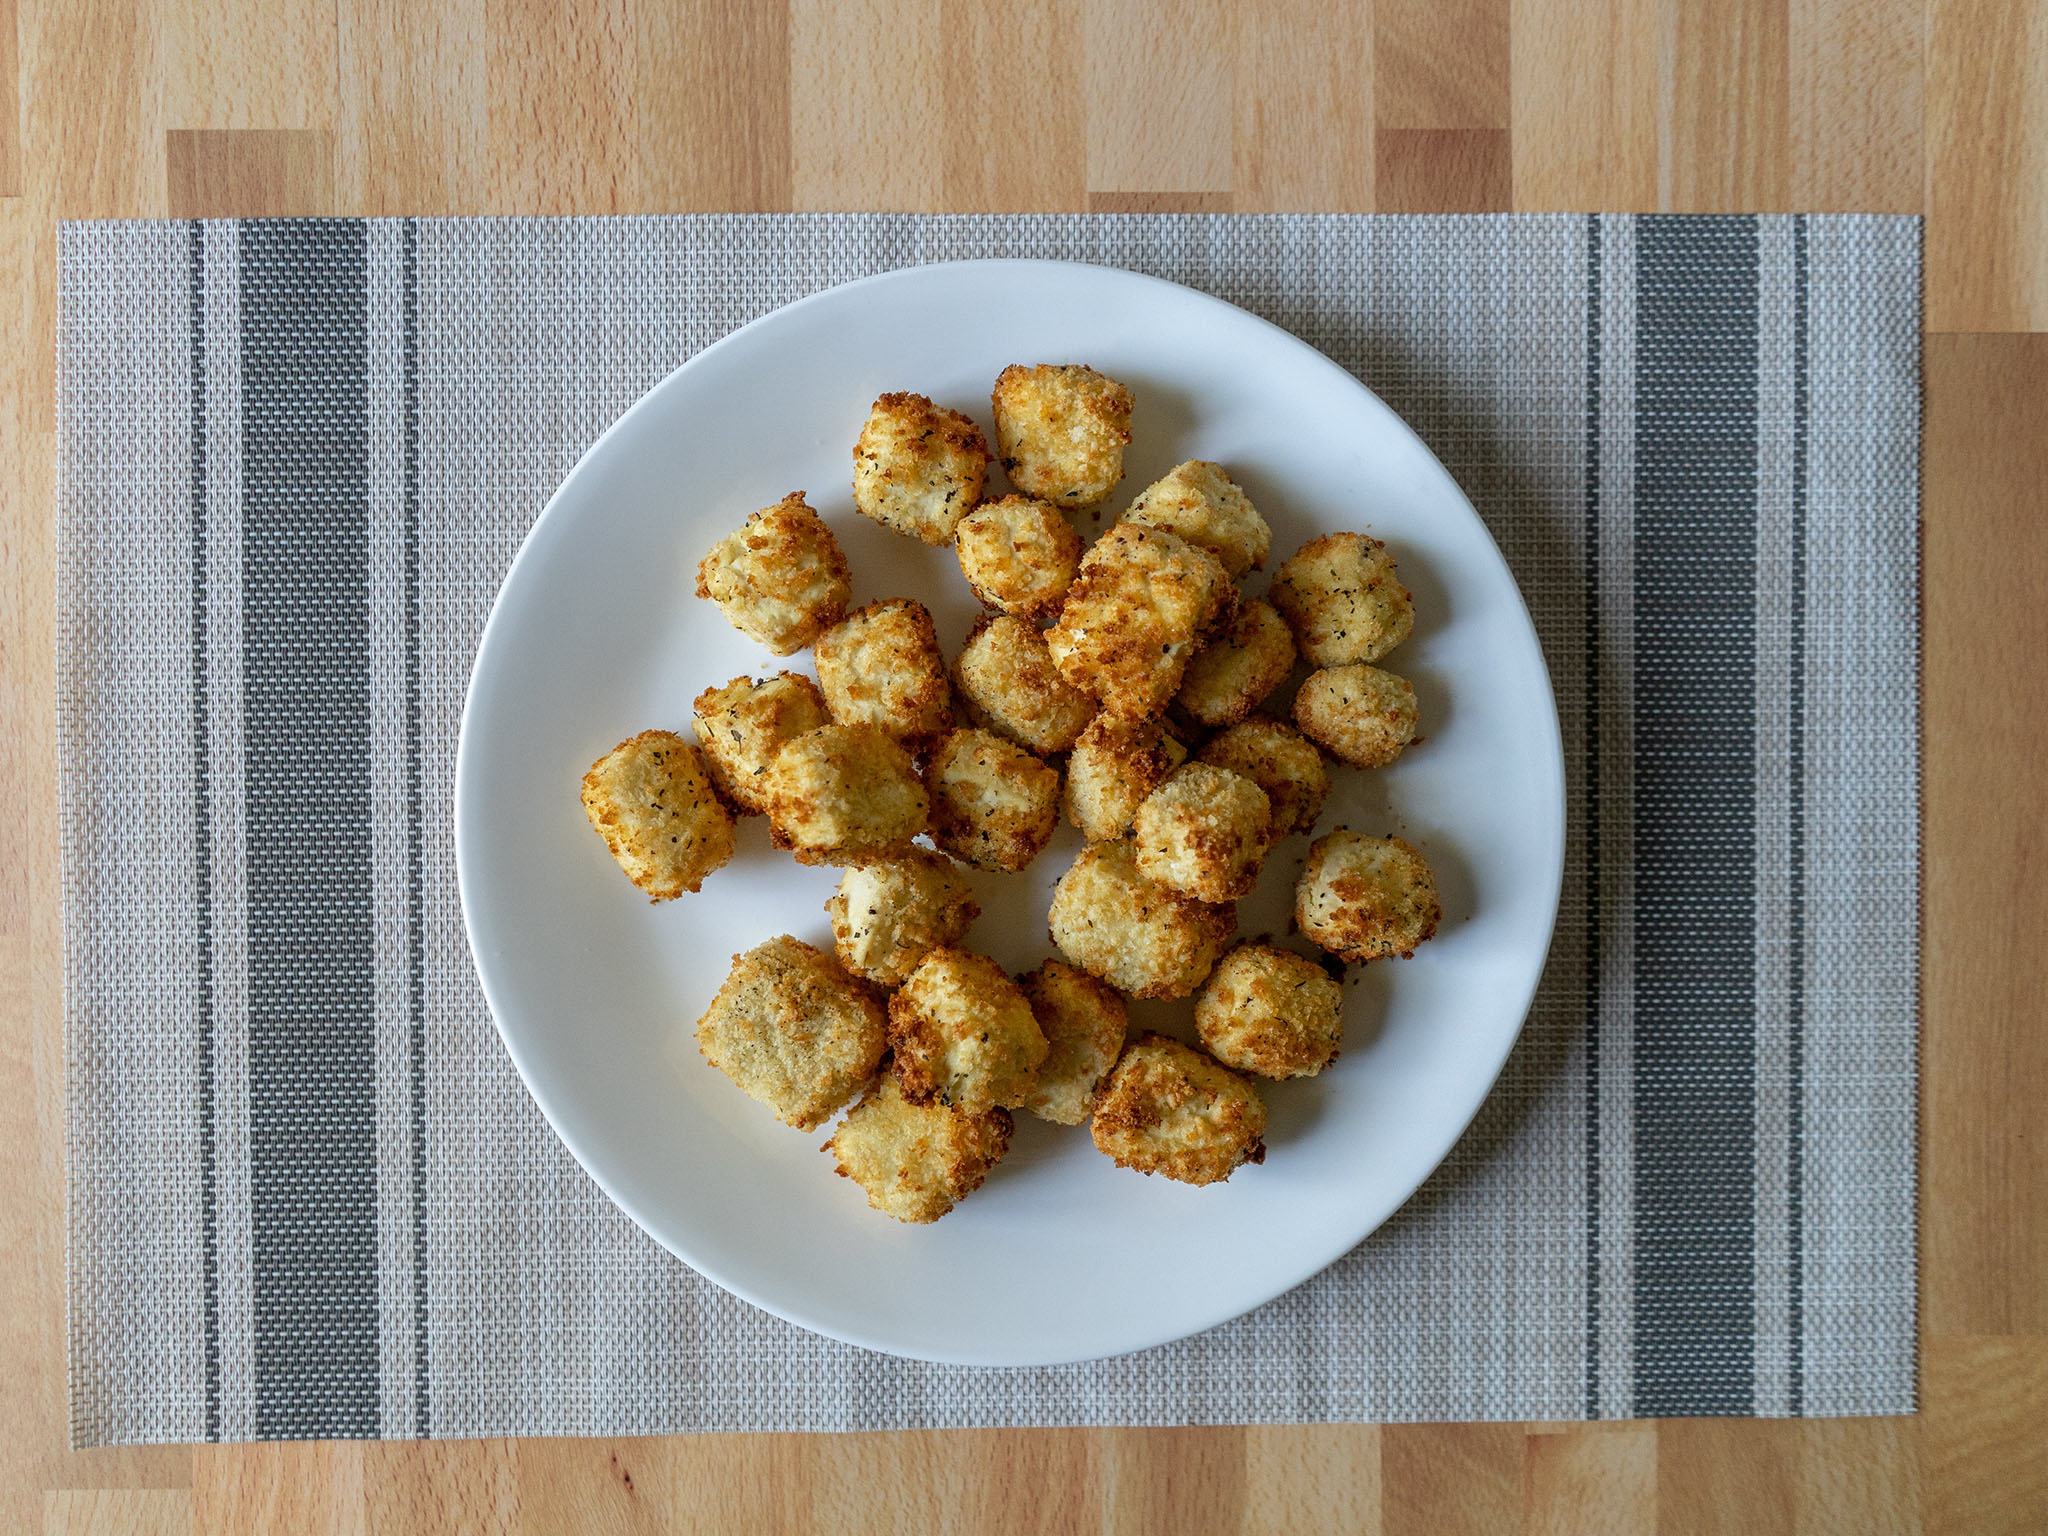 Air fried panko tofu